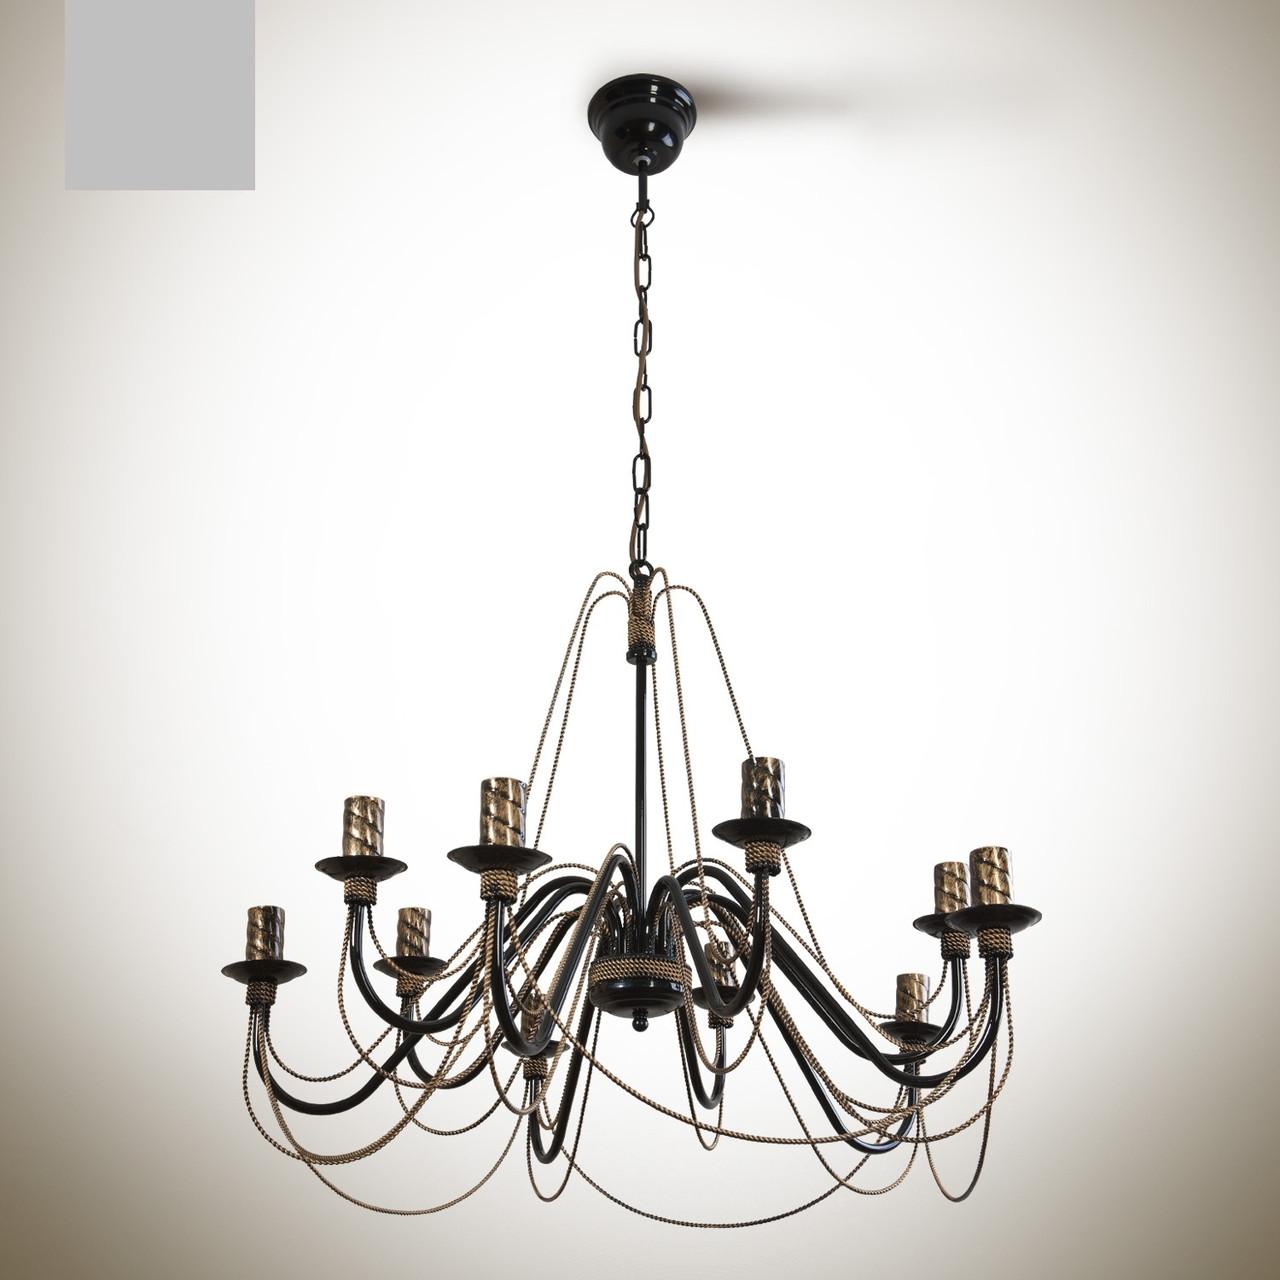 Люстра 10-ти ламповая, для большой комнаты 1210-1